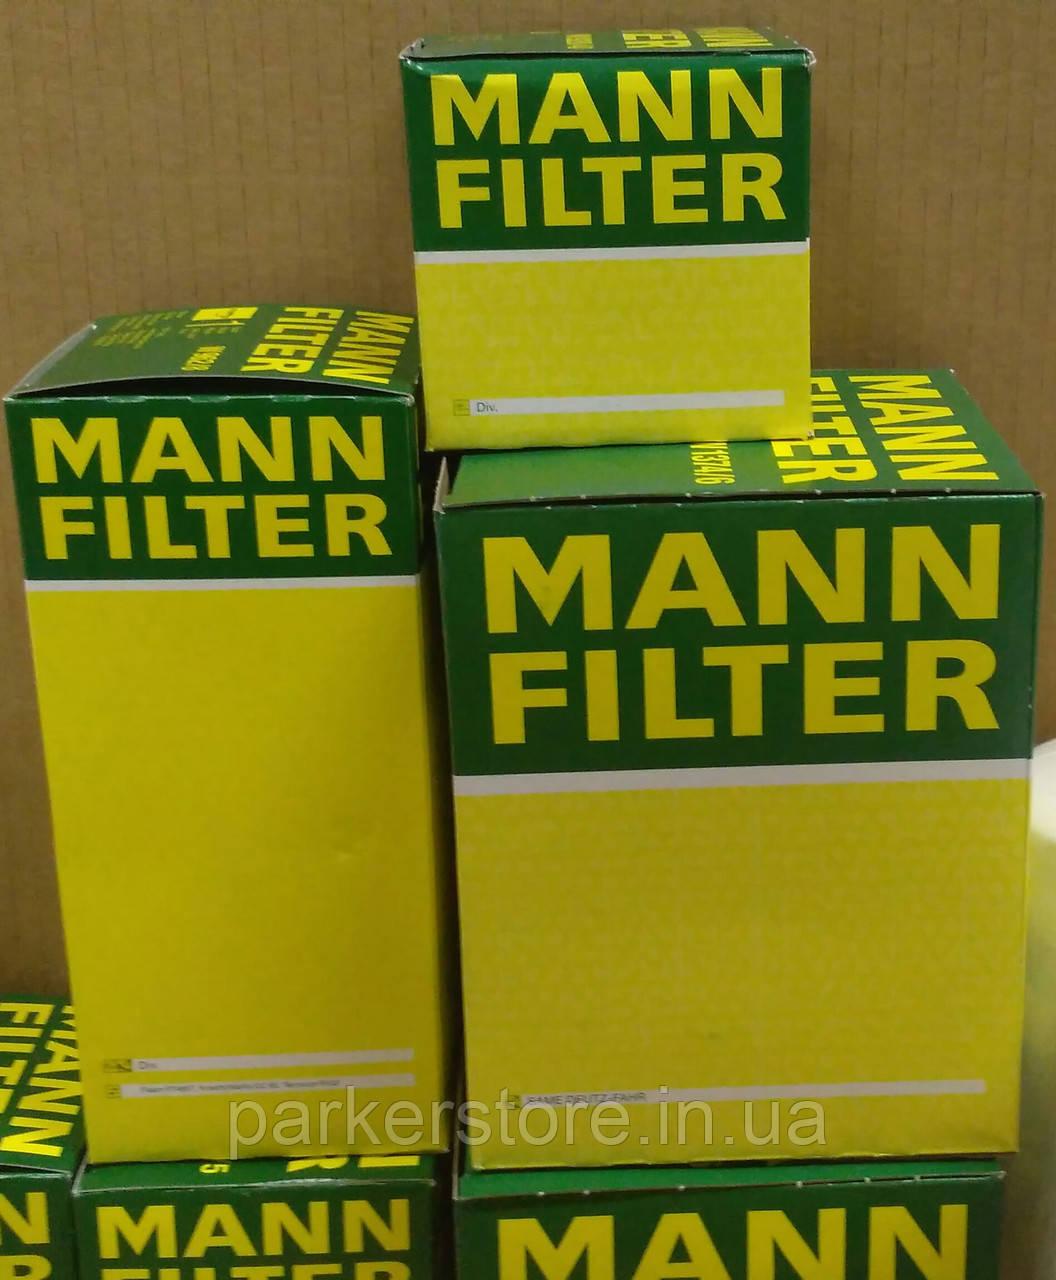 MANN FILTER / Воздушный фильтр / C 14 150 / C14150